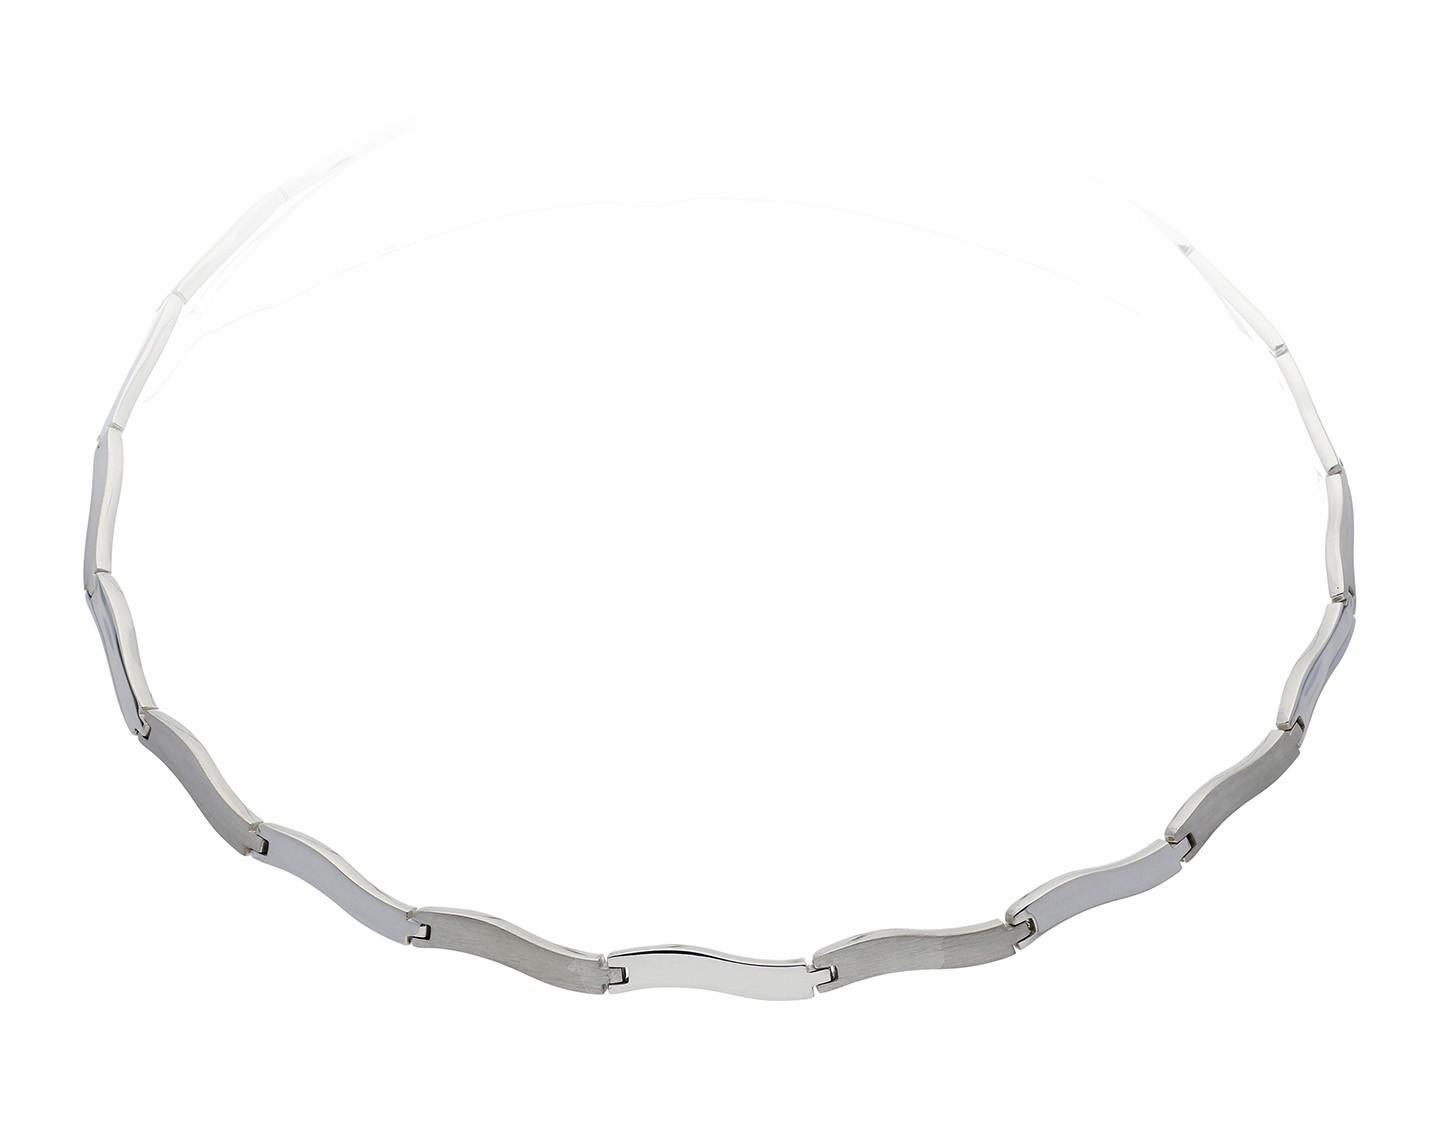 Zilveren ketting choker mat/glanzend 43 cm 103.0479.43